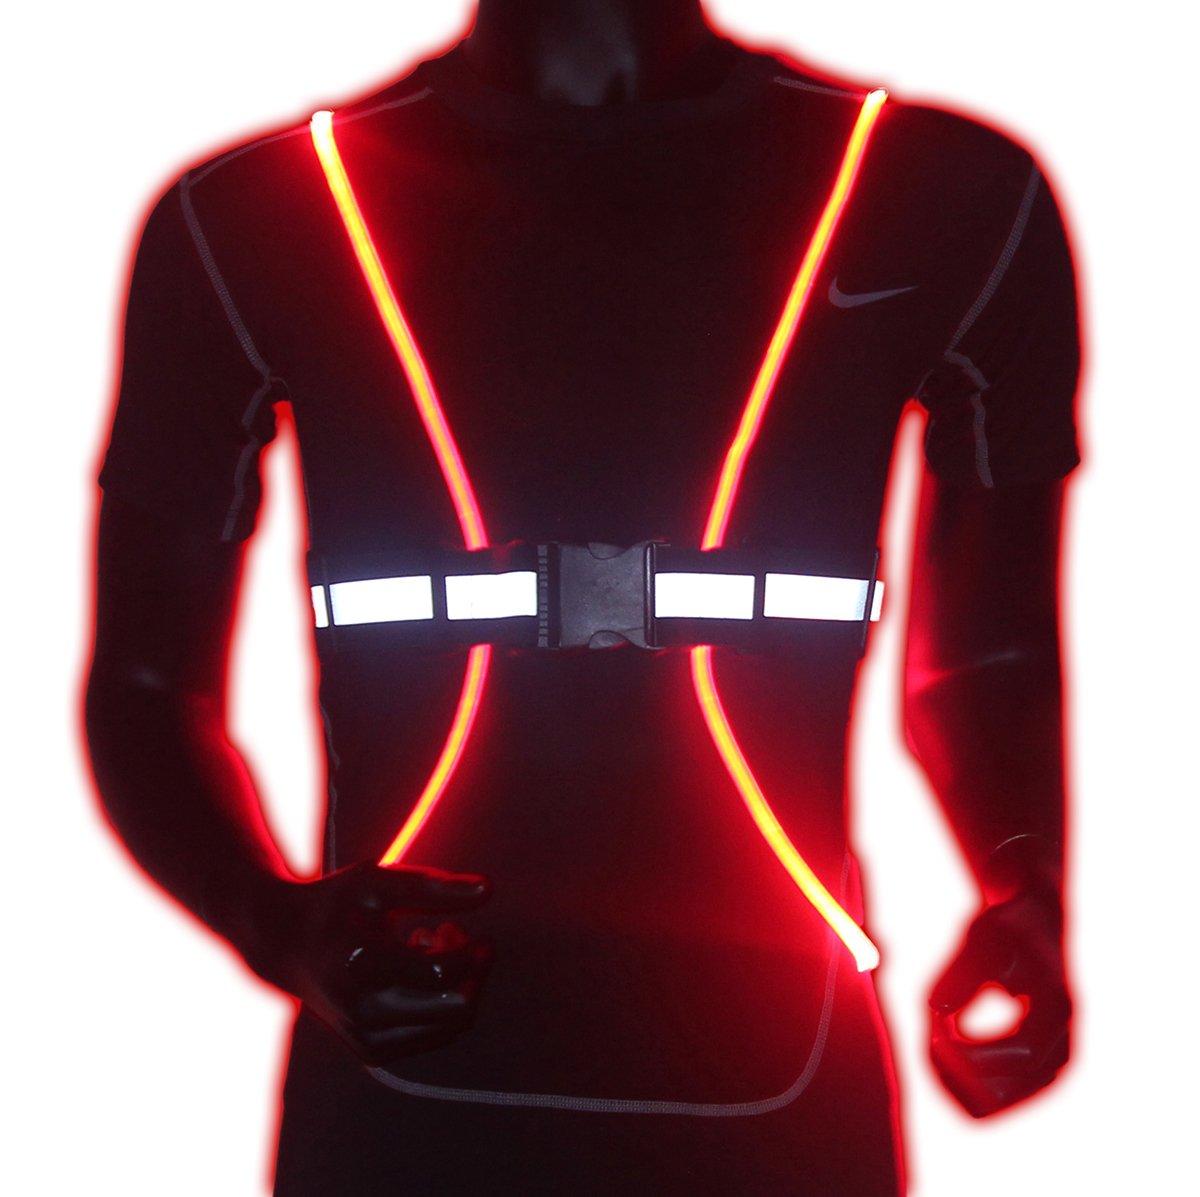 Reflective Safety Led Vest Belt With Fiber Optics Doerdo Adjustable Strobe Light Constant And